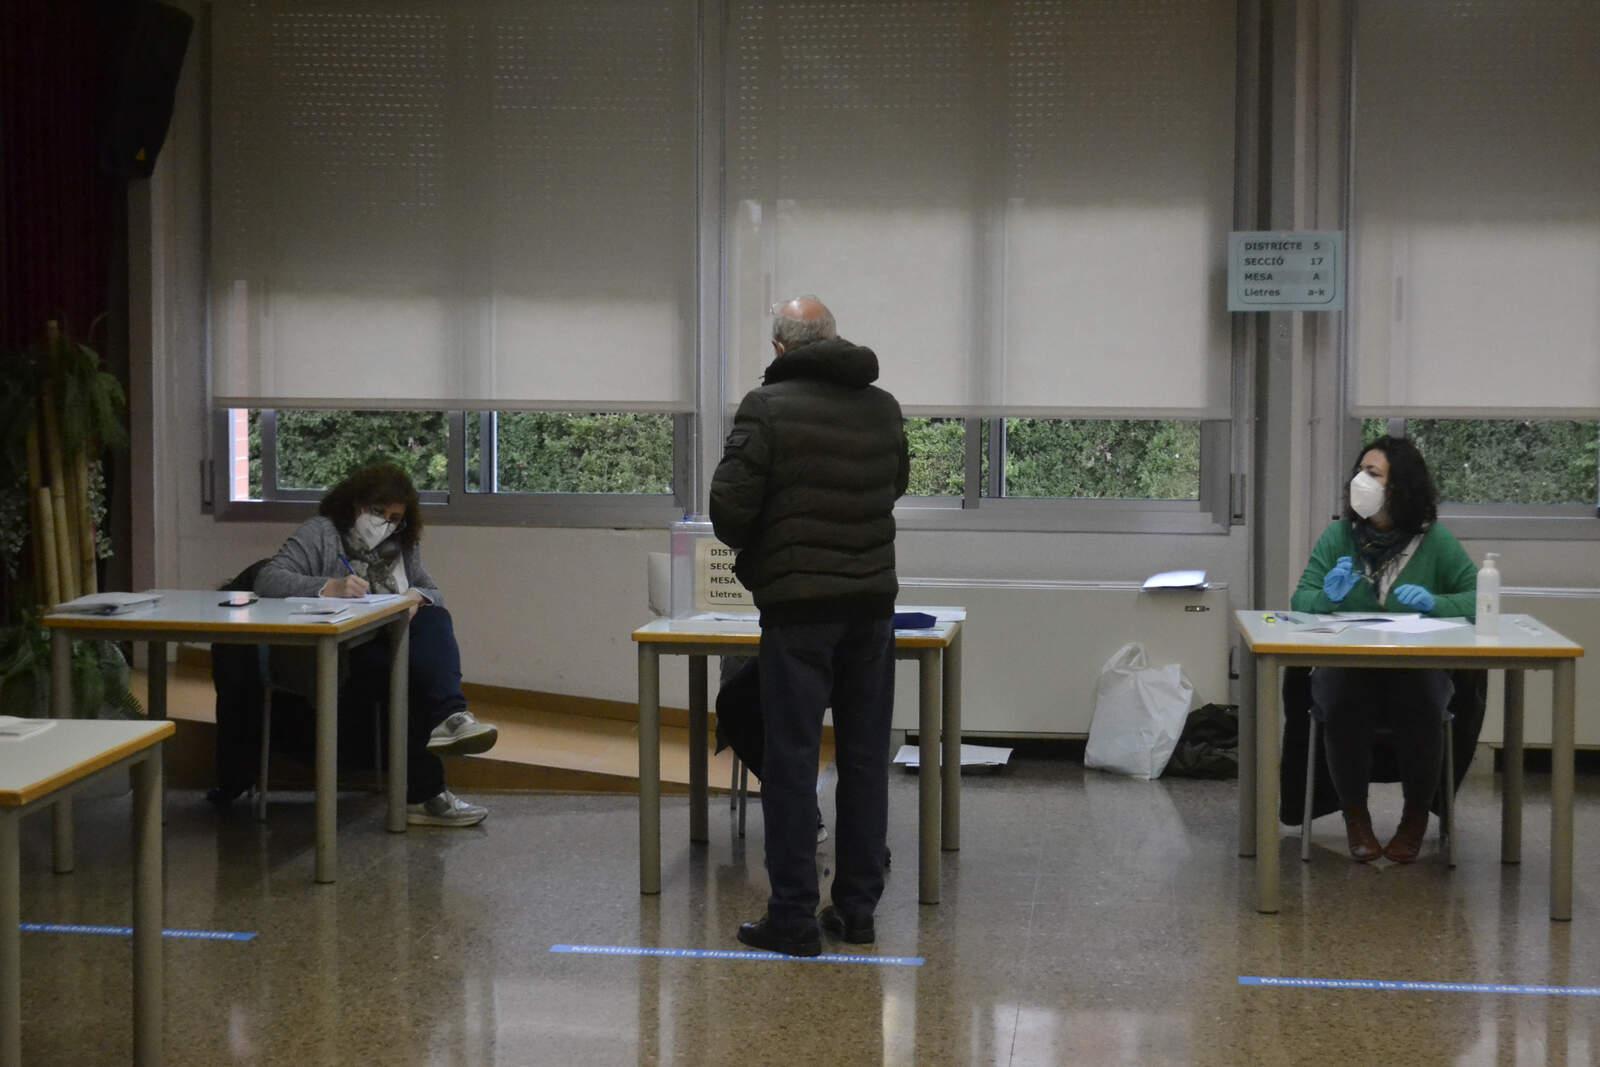 Votacions als col·legis Pere Viver, CC Can Roca i Institut Can Roca